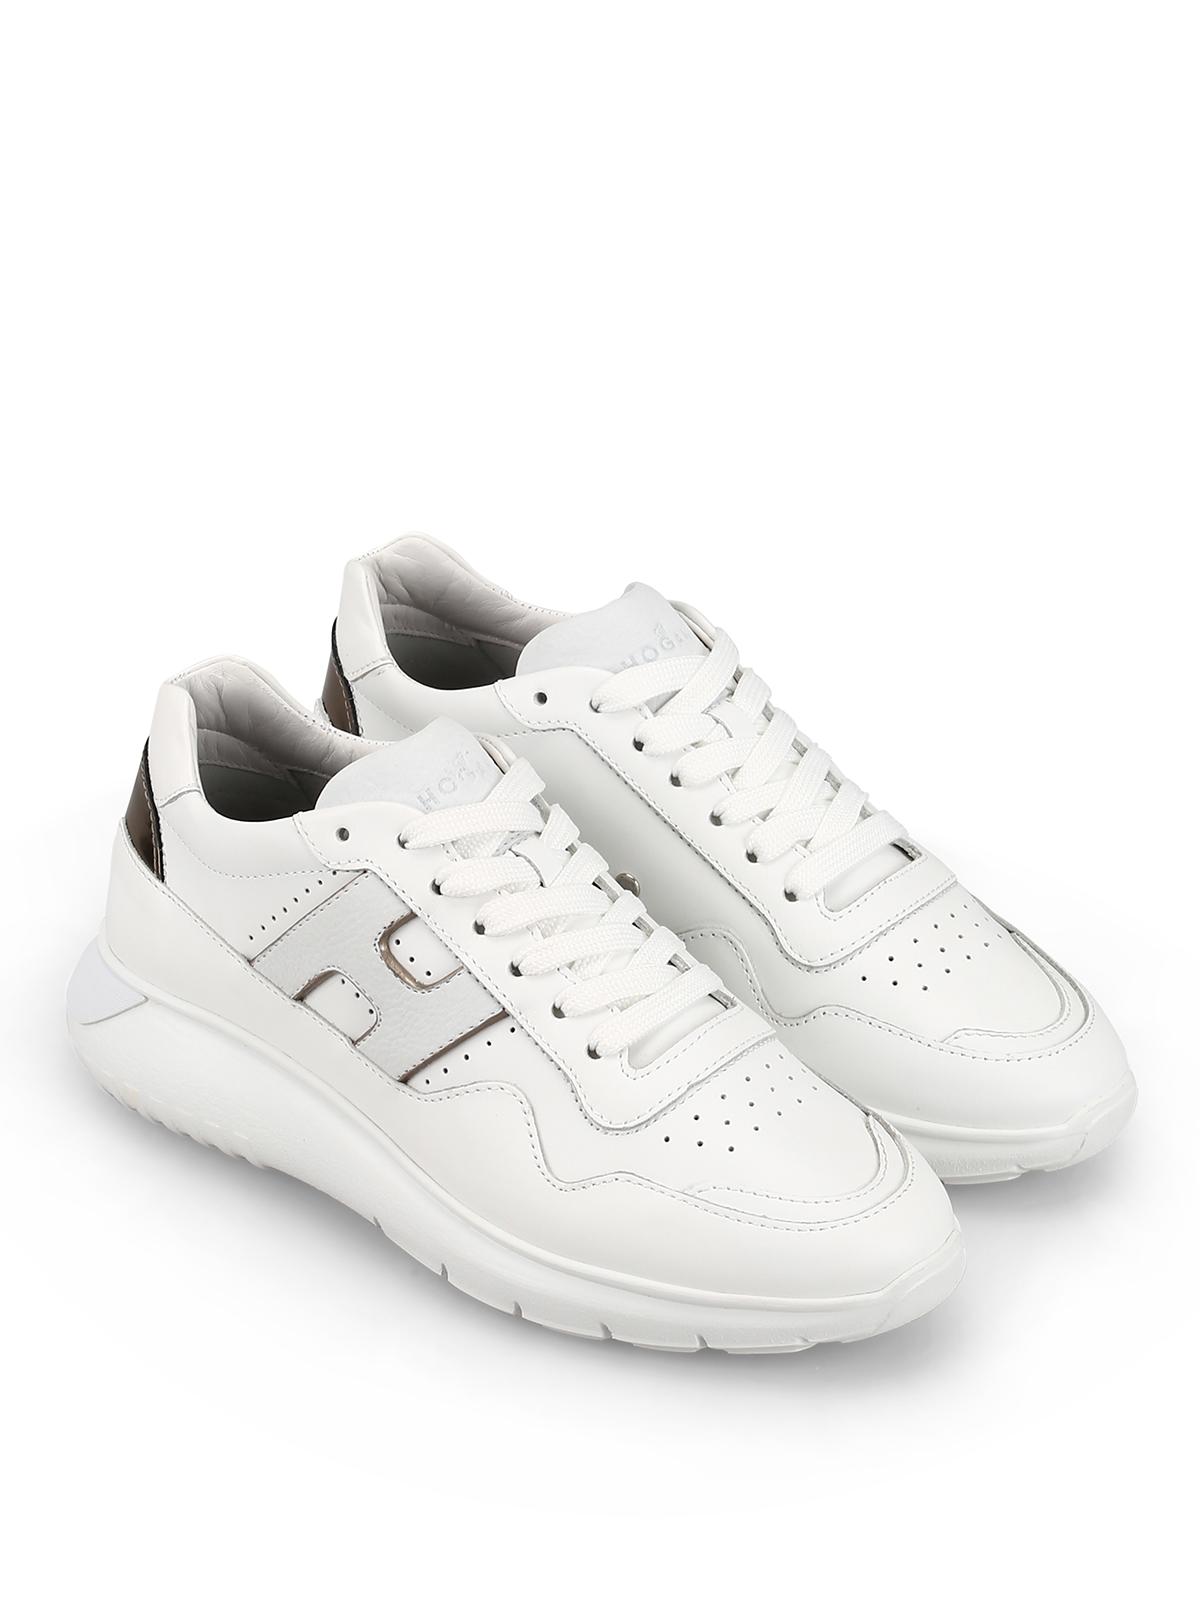 Sneakers Hogan - Sneaker Interactive³ bianche in pelle ...